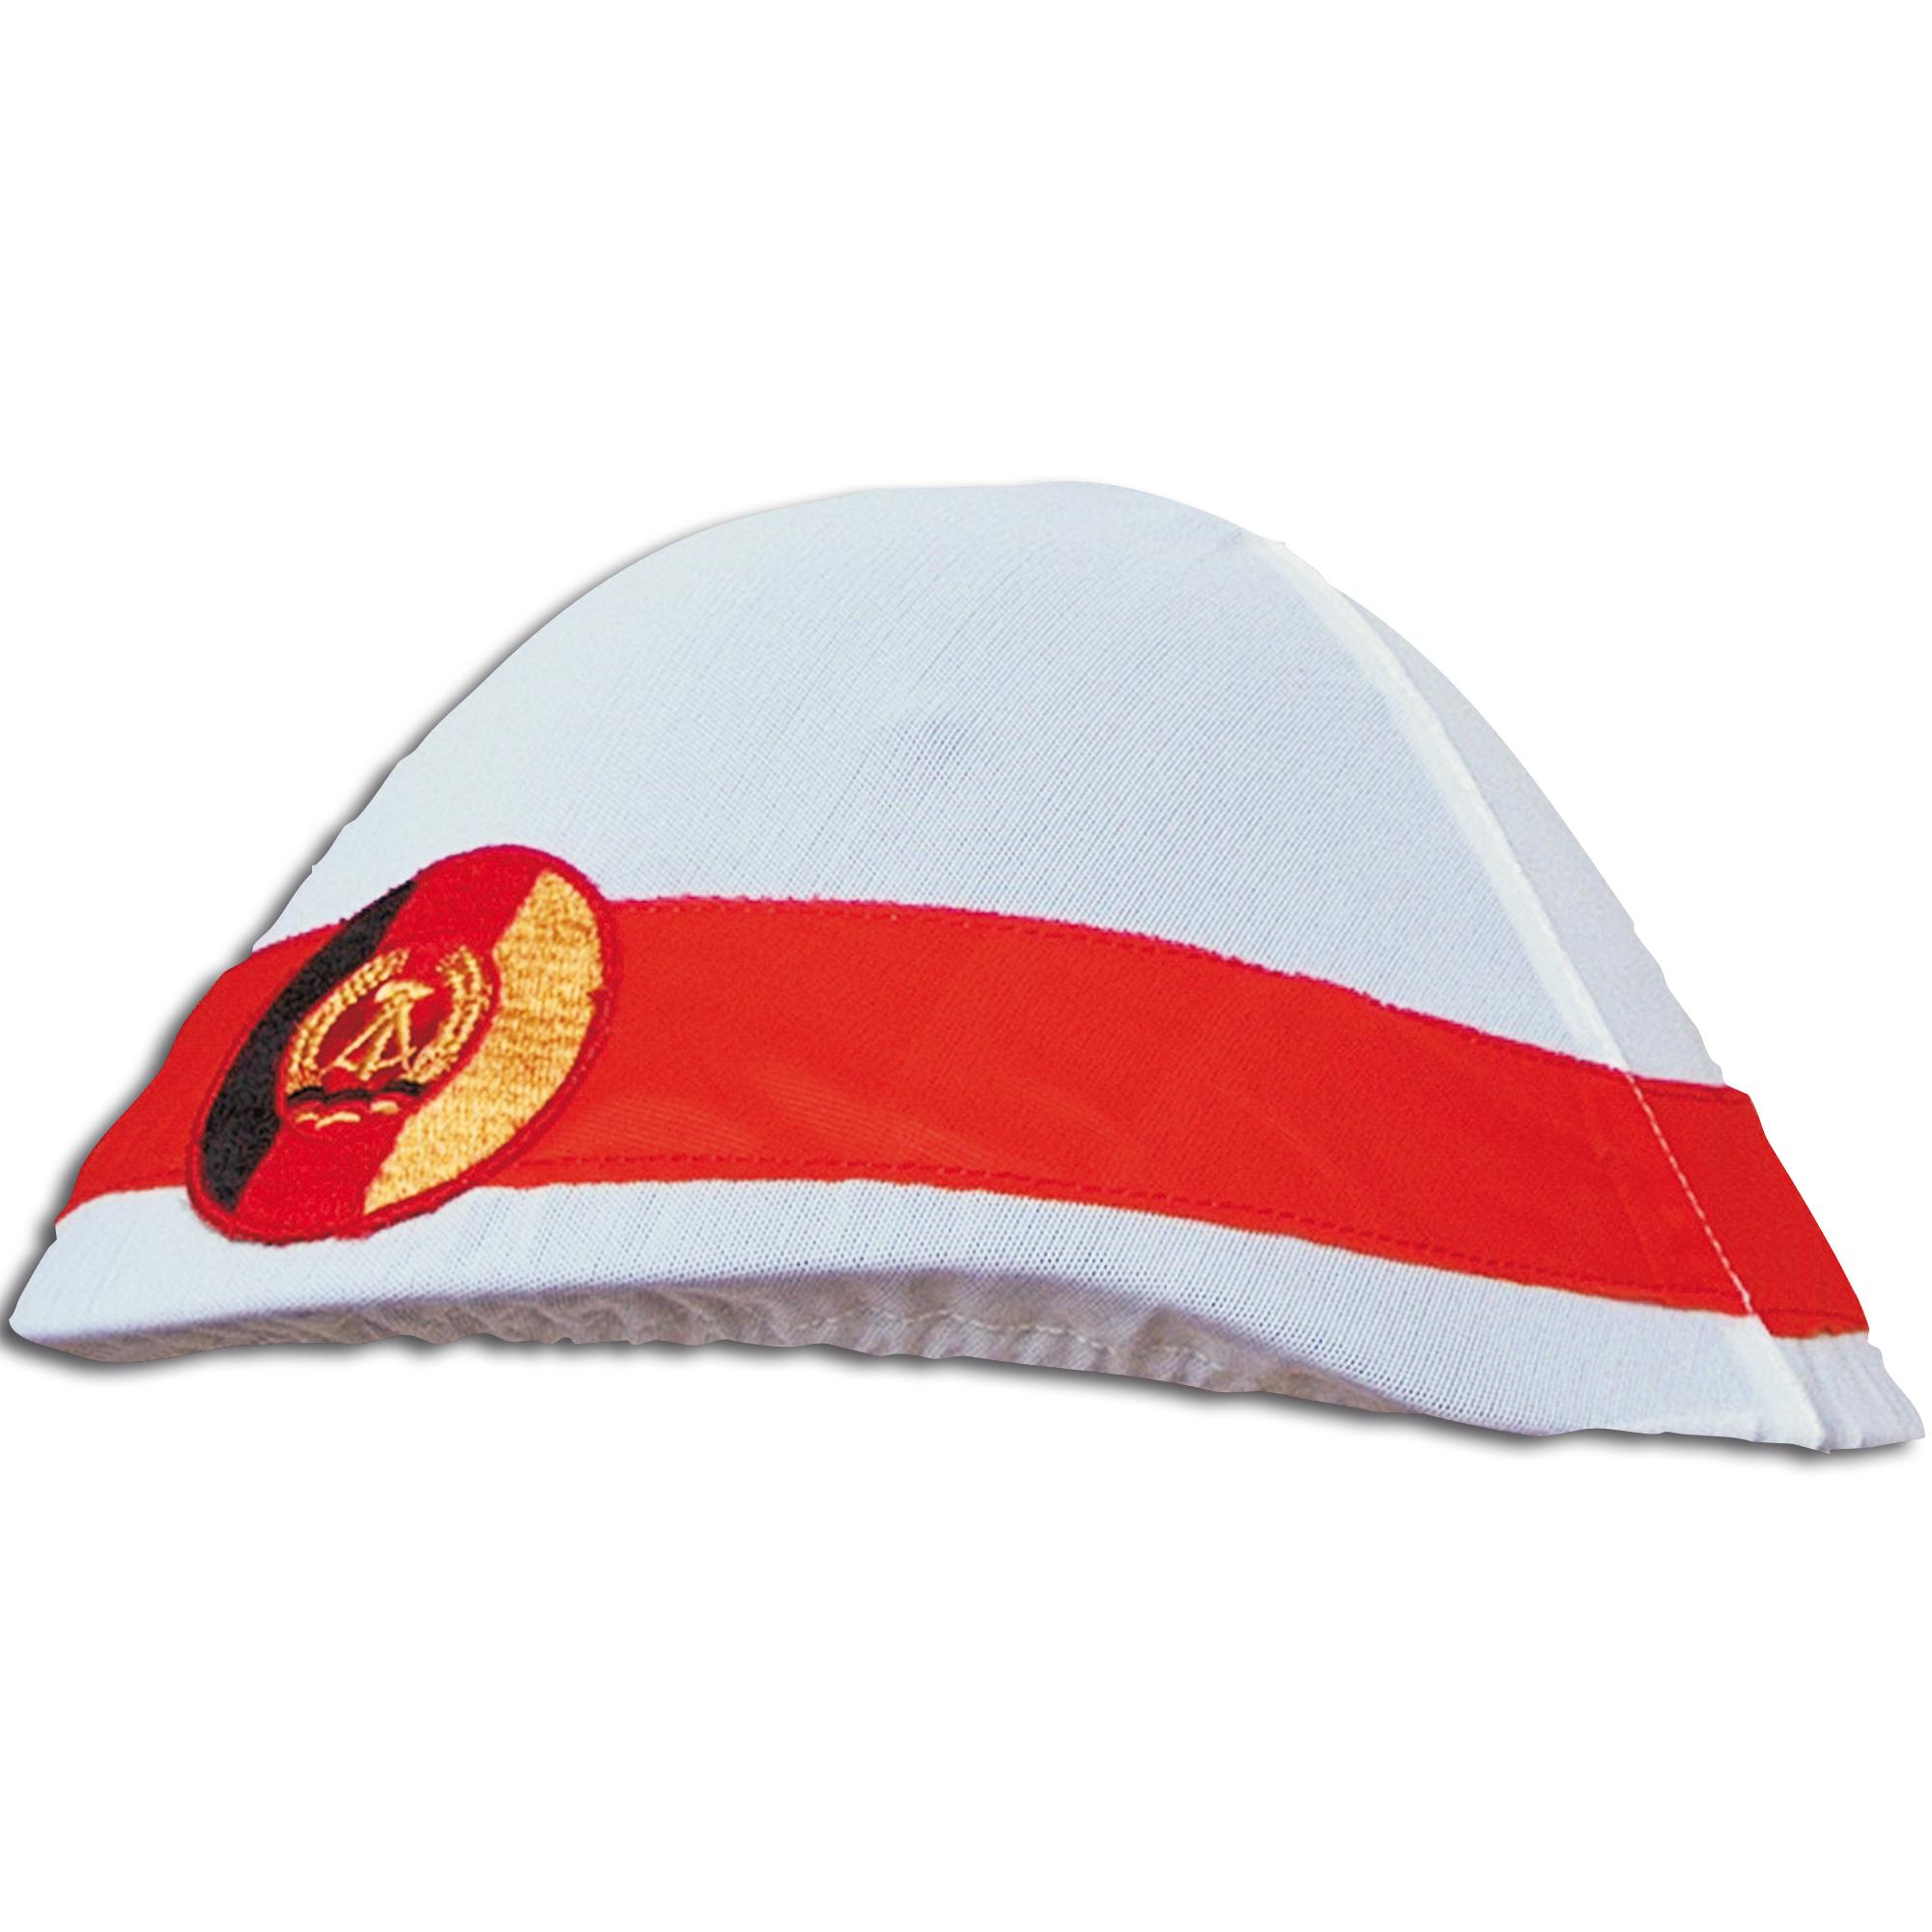 East german helmet cover Regler